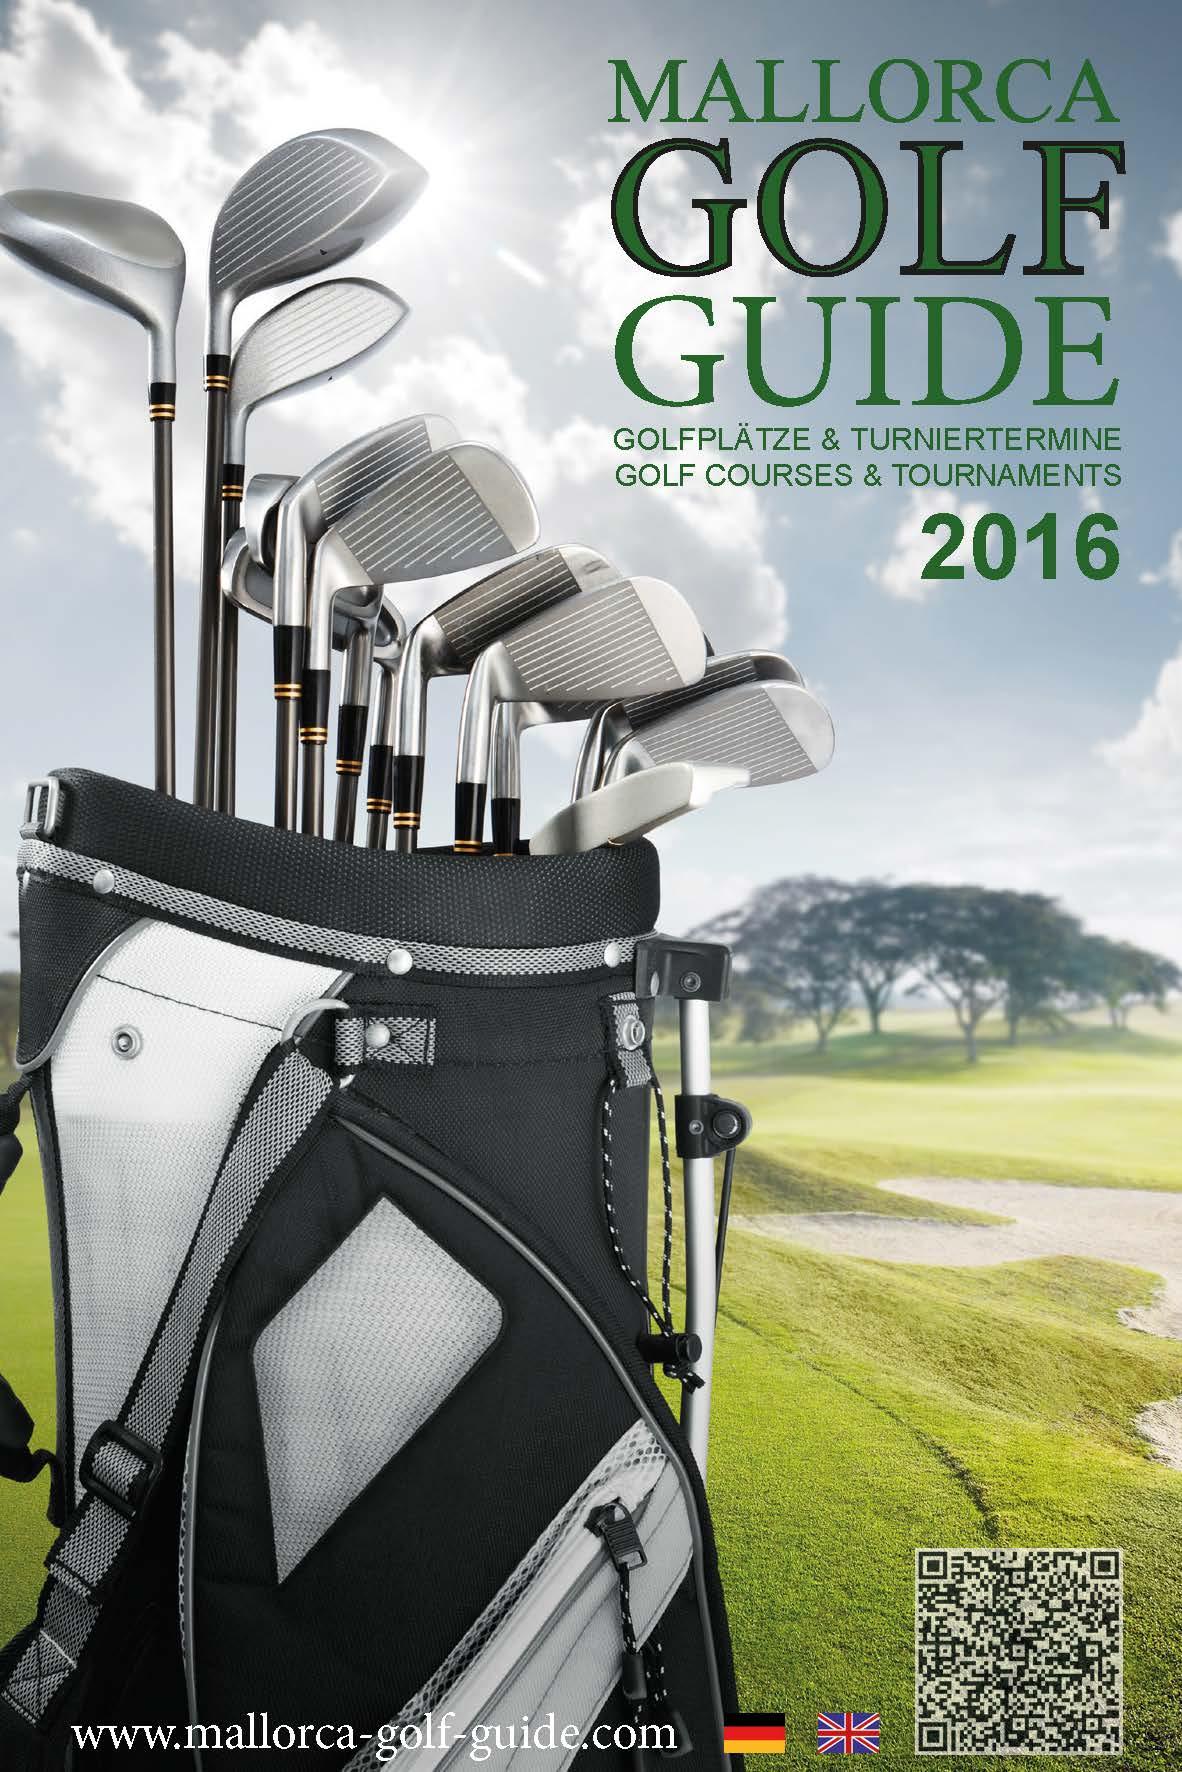 Mallorca GolfGuide 2016